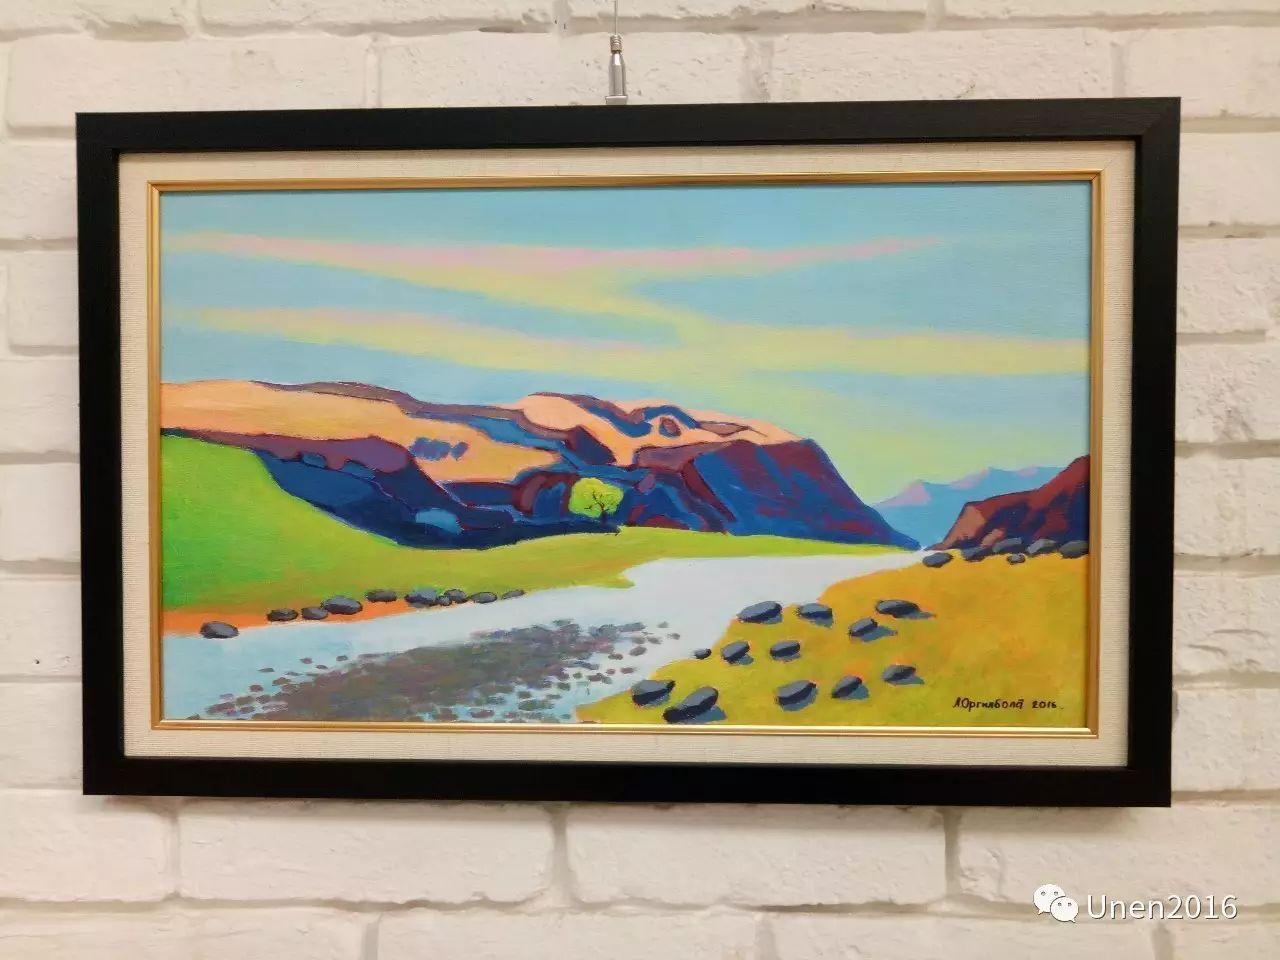 蒙古国画家傲日格勒宝勒德的油画作品 第13张